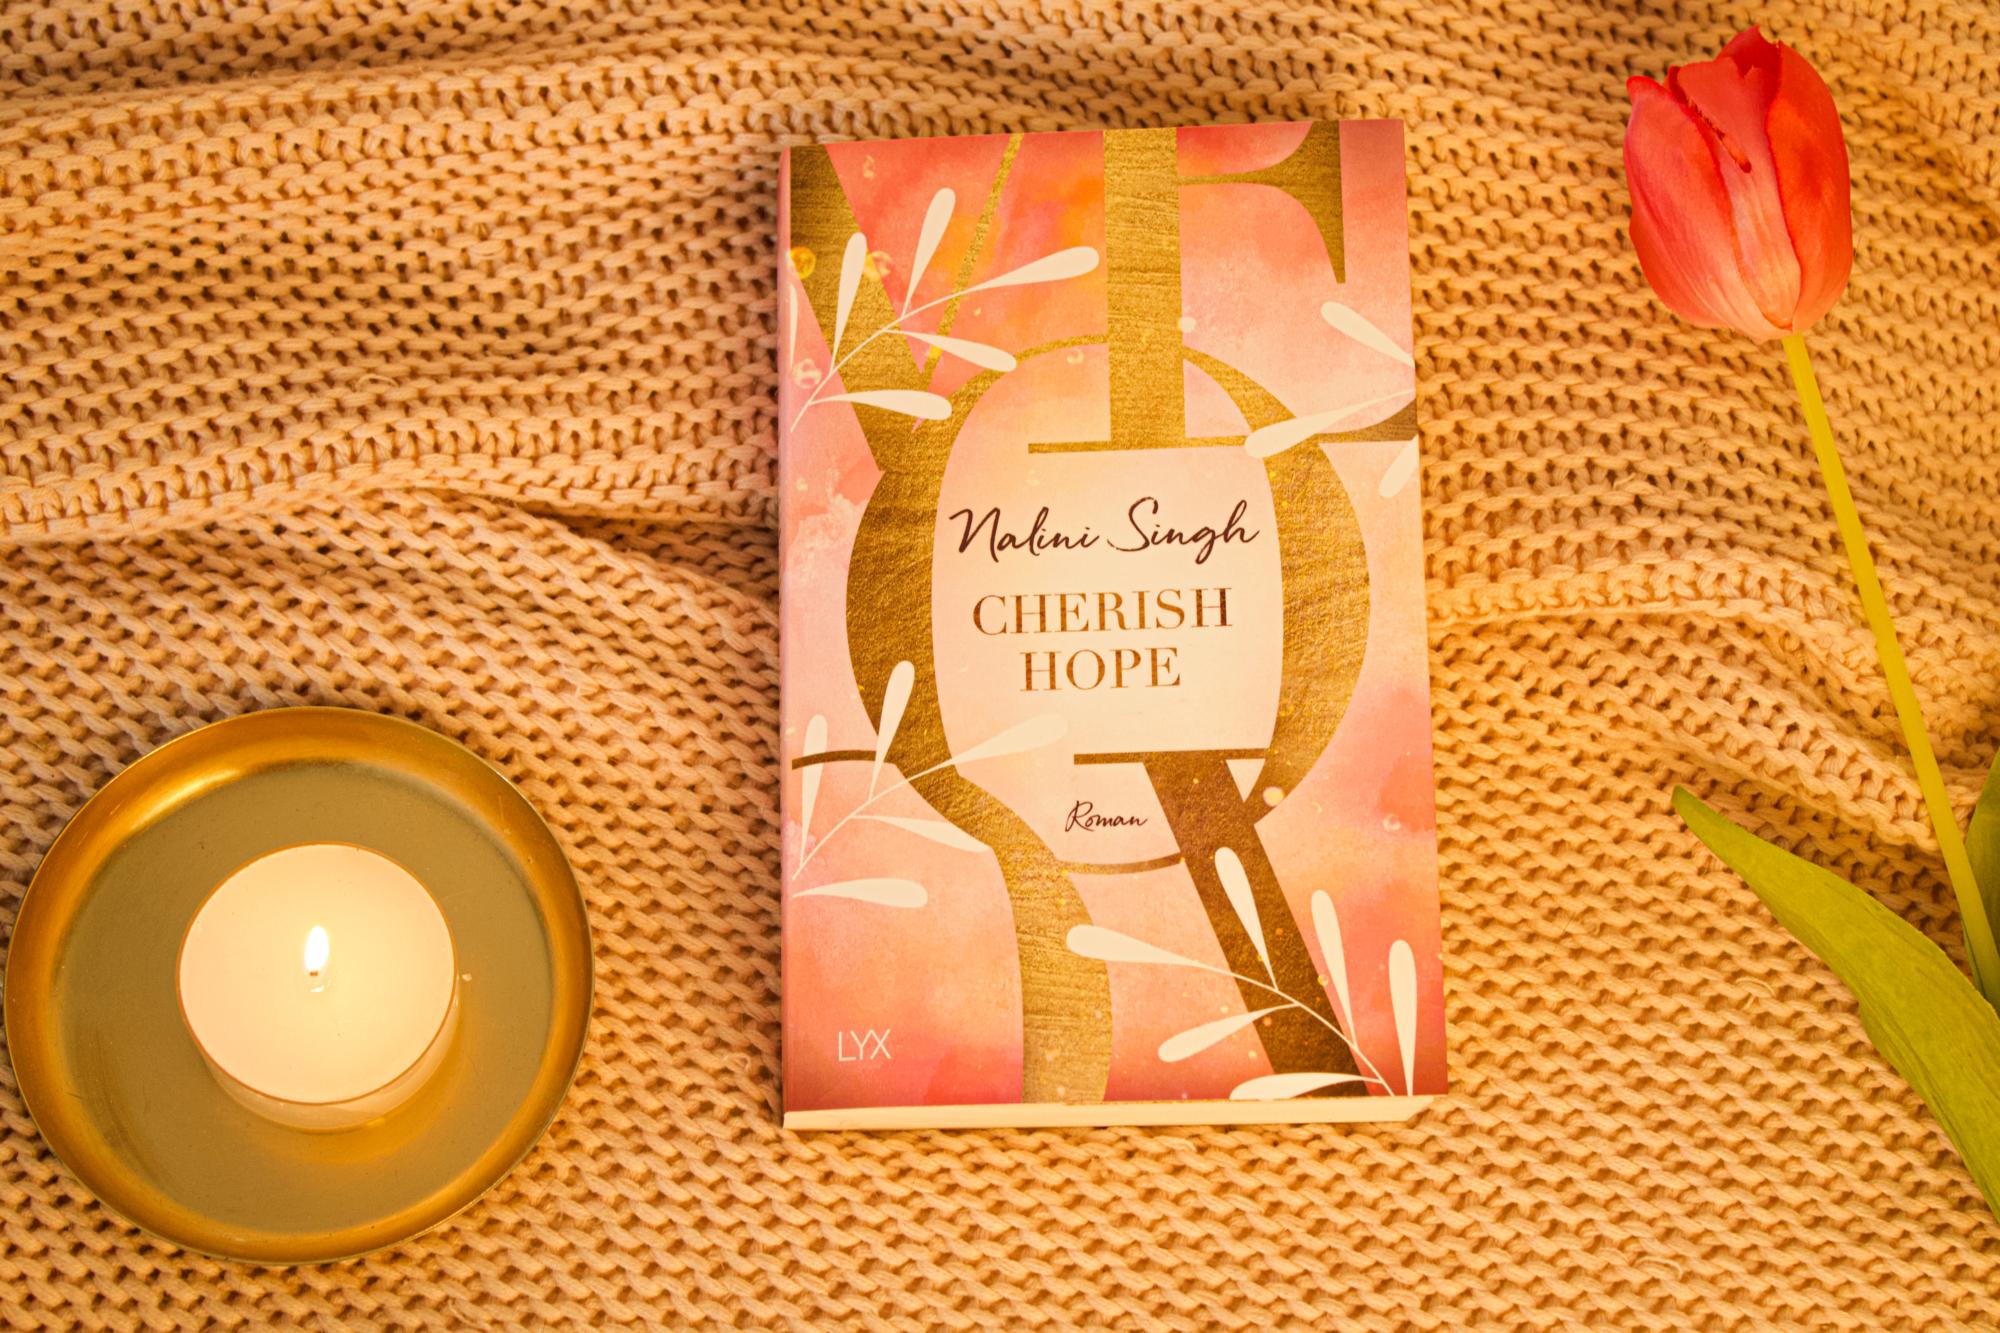 Cherish Hope cover